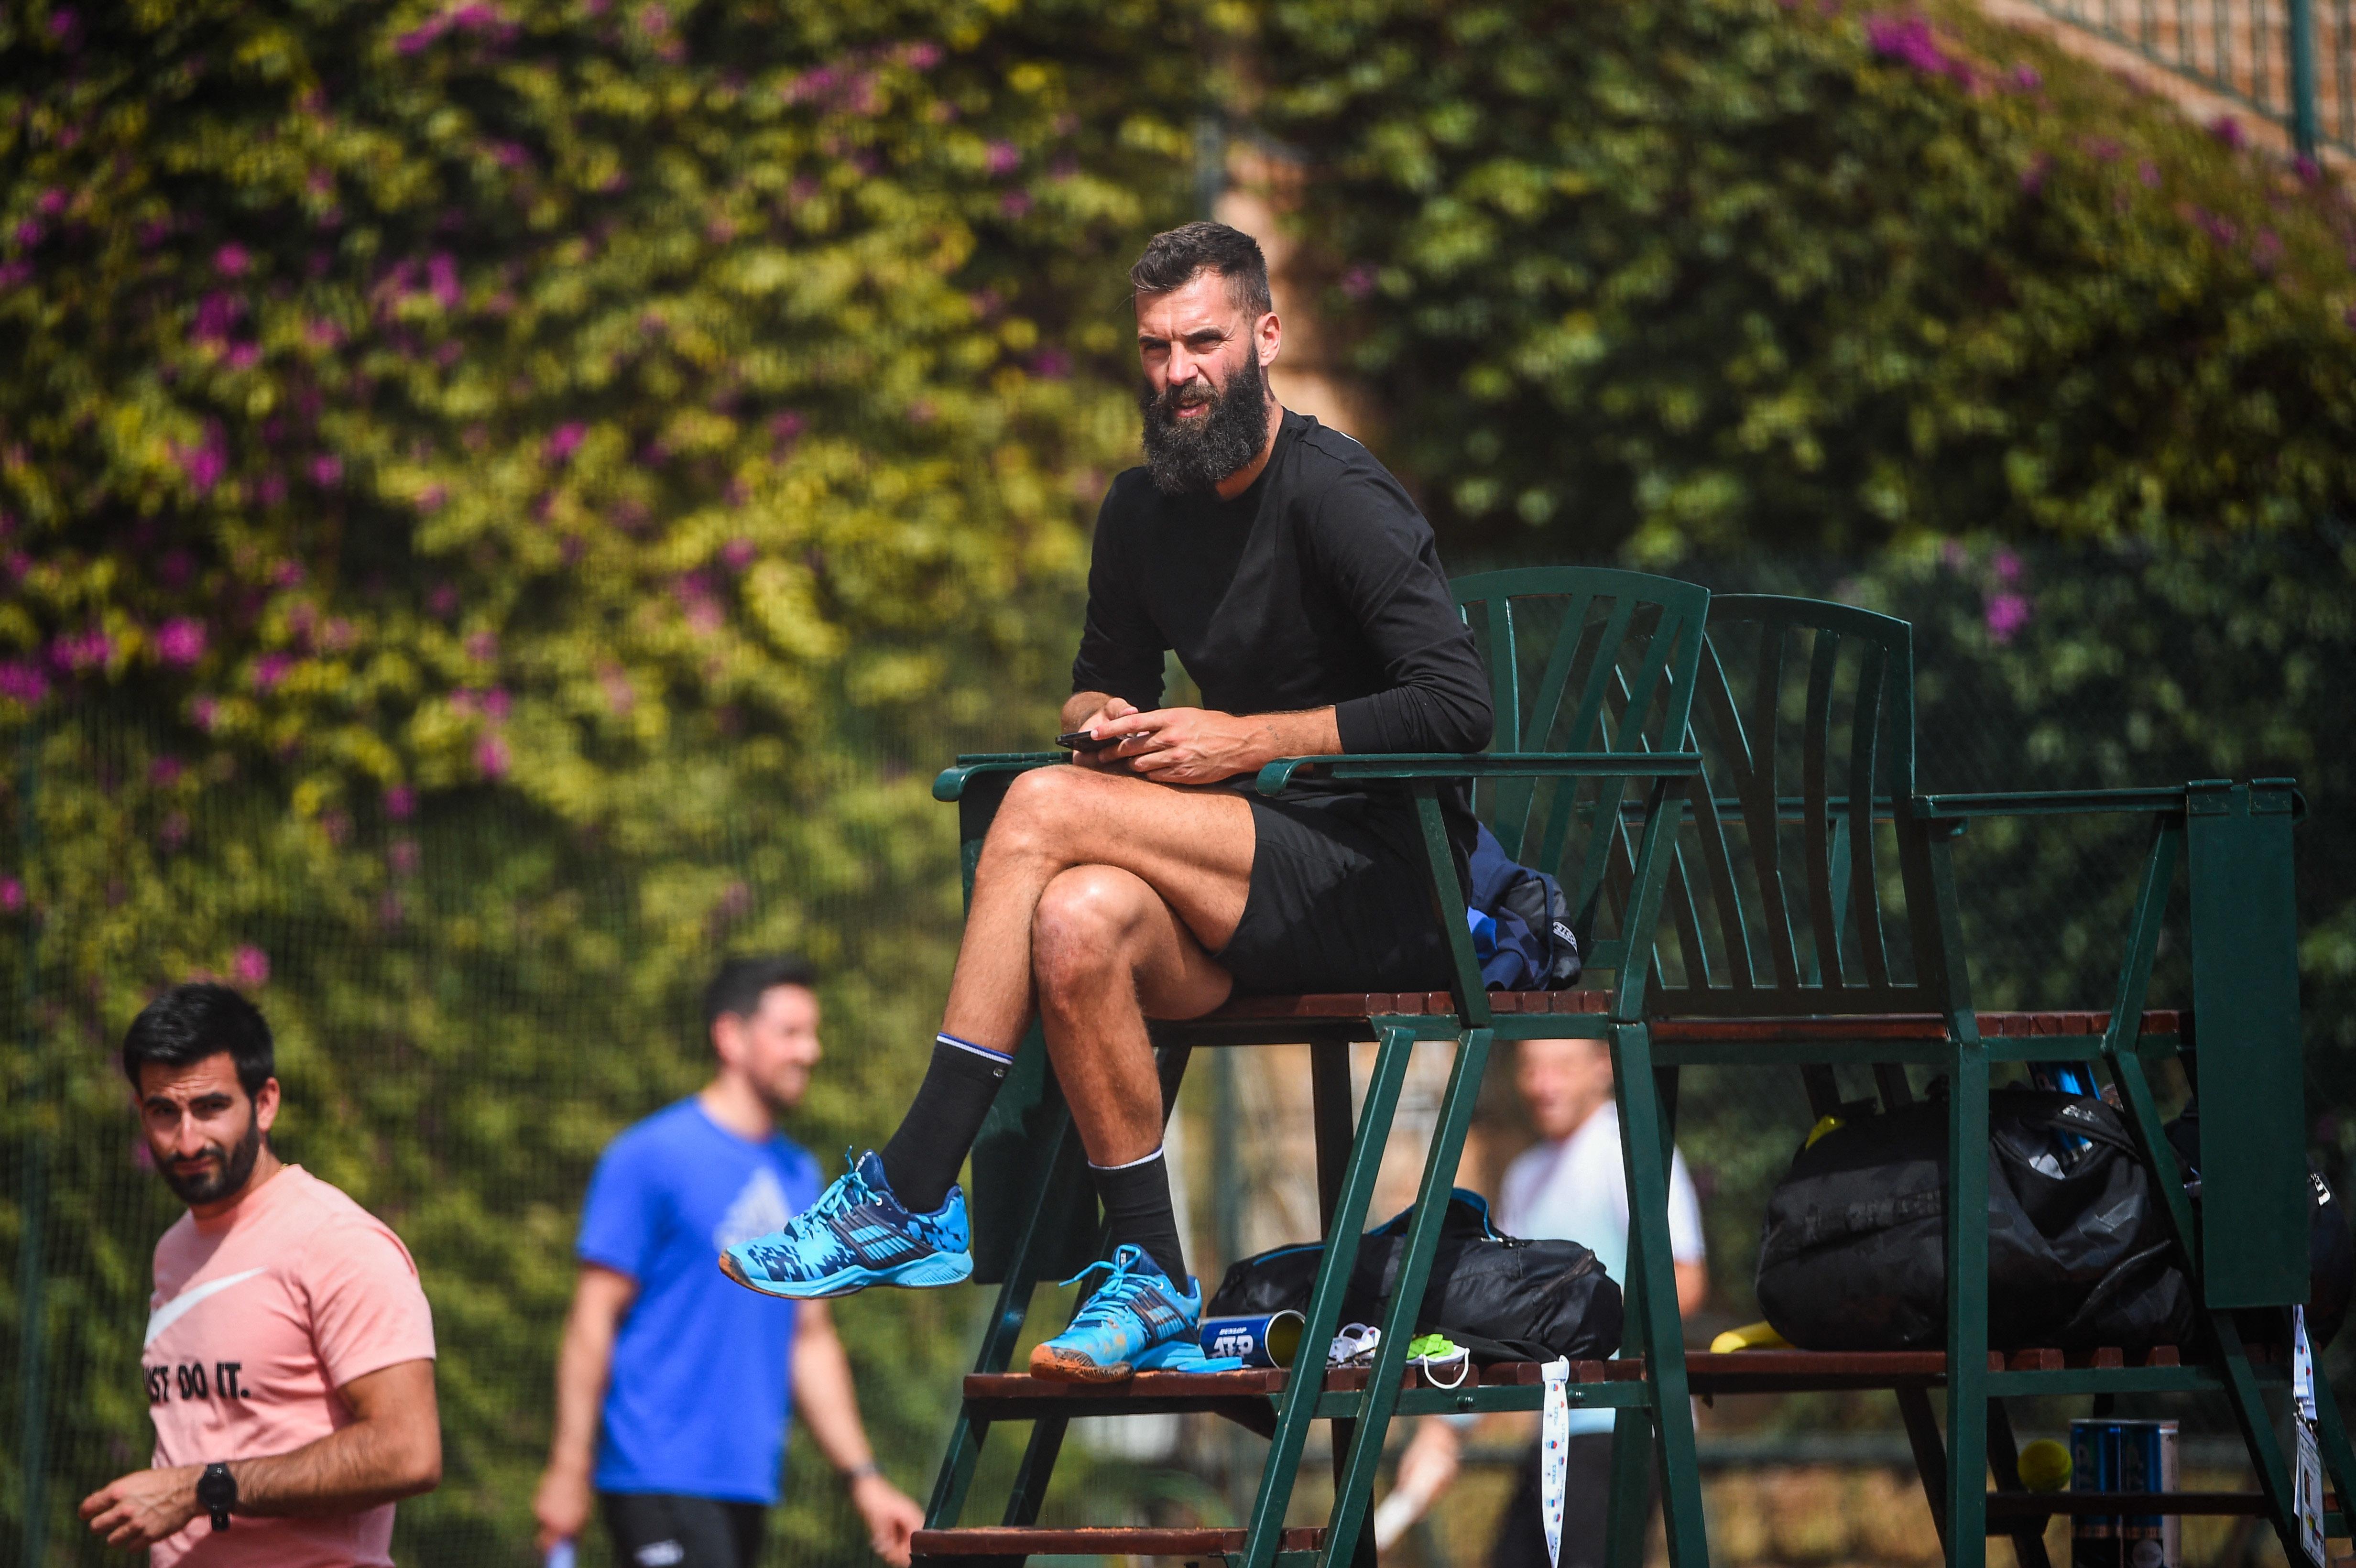 Tennis : dérapages verbaux, comportements antisportif... Benoît Paire peut-il faire ce qu'il veut ?